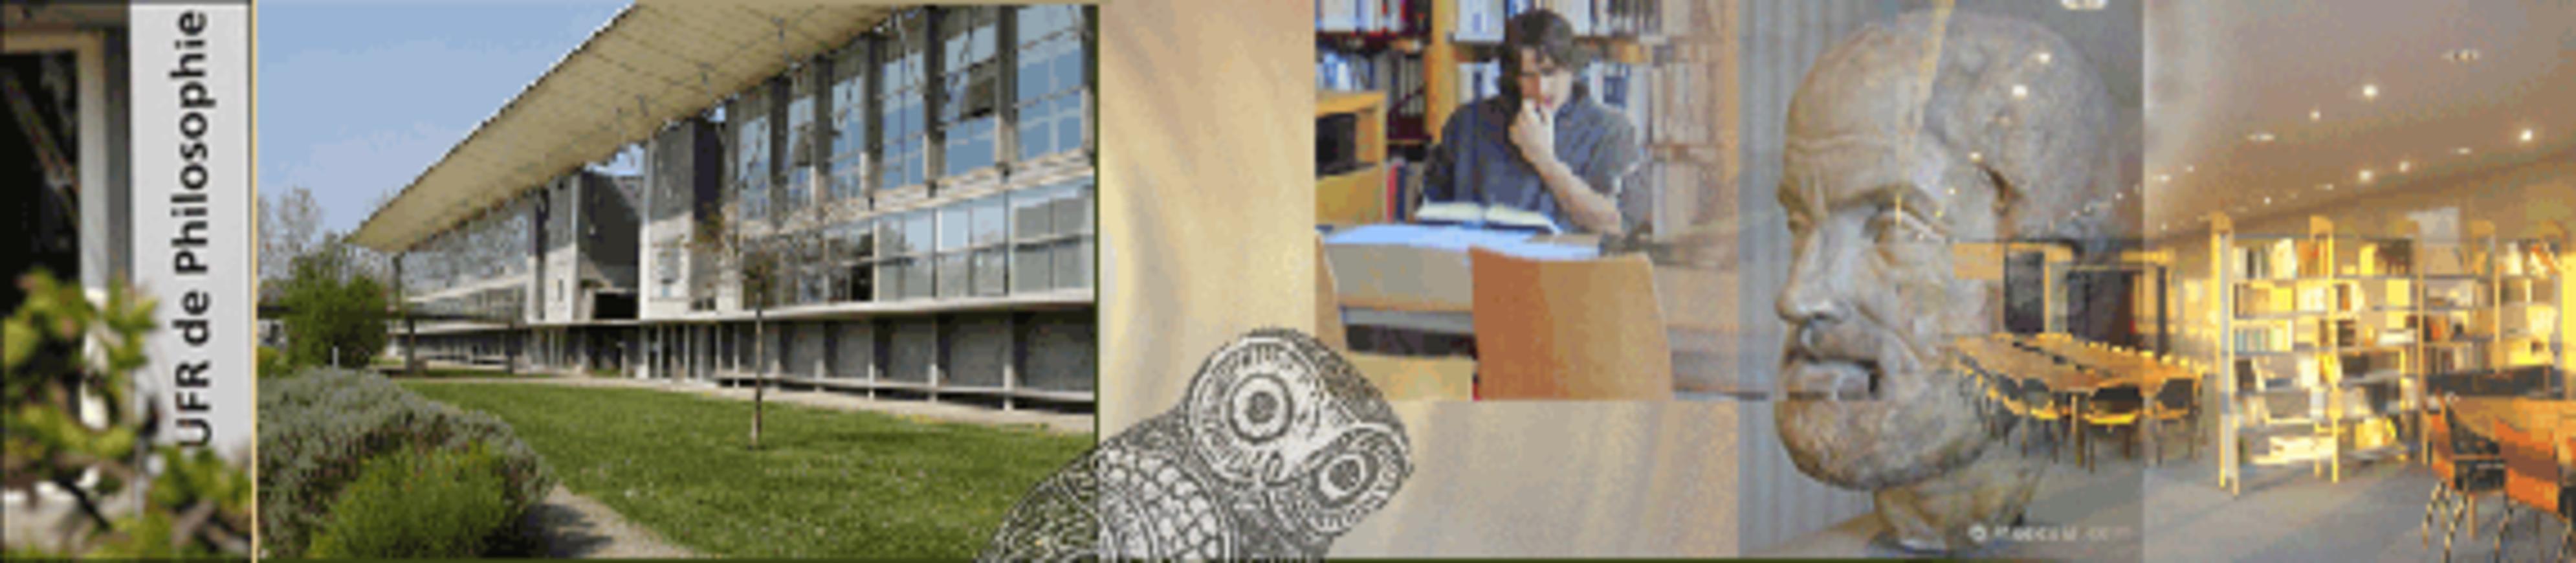 Le 27 janvier, les cordées de la réussite s''en sont allées à l''université de Rennes 2. (Par Léna) 0